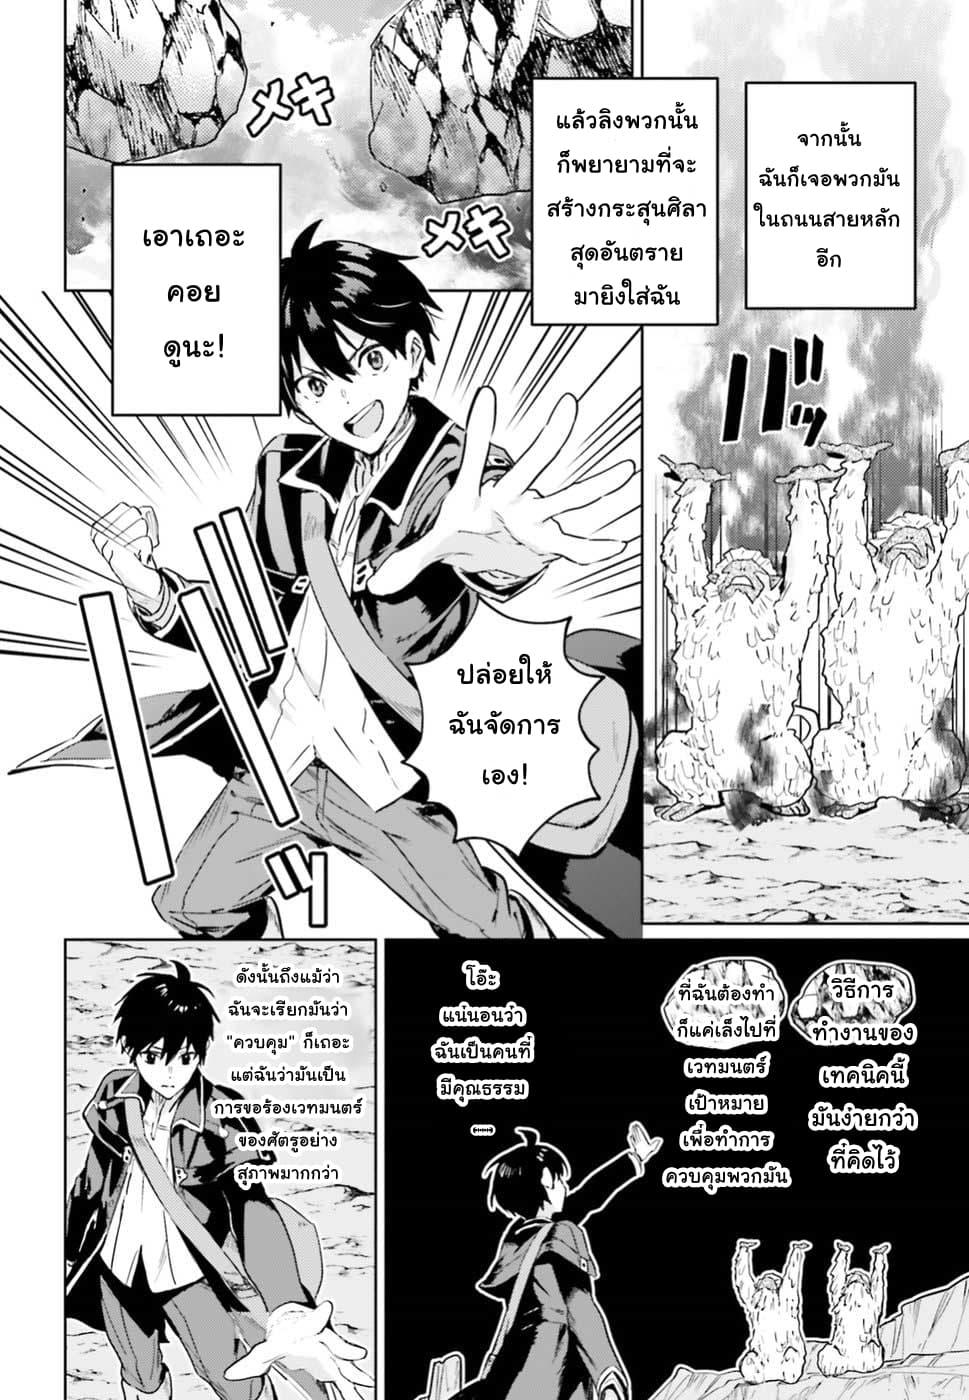 อ่านการ์ตูน Hametsu no Madou Ou to Golem no Ban Kisaki ตอนที่ 5 หน้าที่ 17